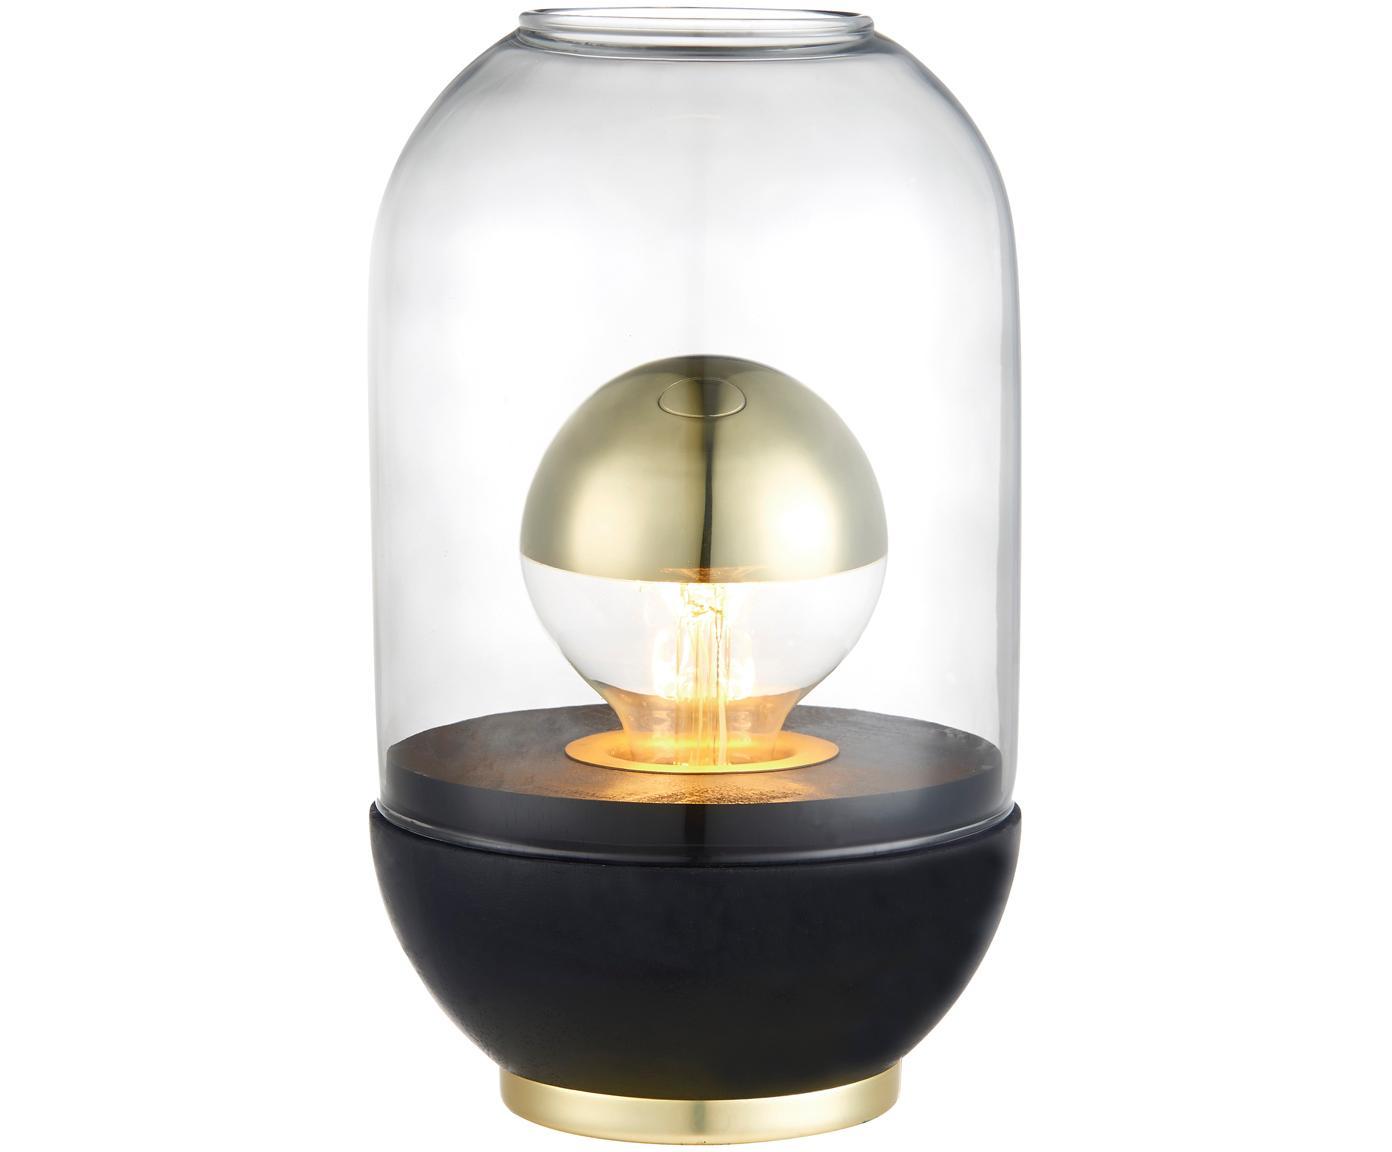 Kleine tafellamp Pillola, Lampenkap: glas, Lampvoet: gelakt hout, Voetstuk: metaal, Transparant, zwart, Ø 14 x H 24 cm